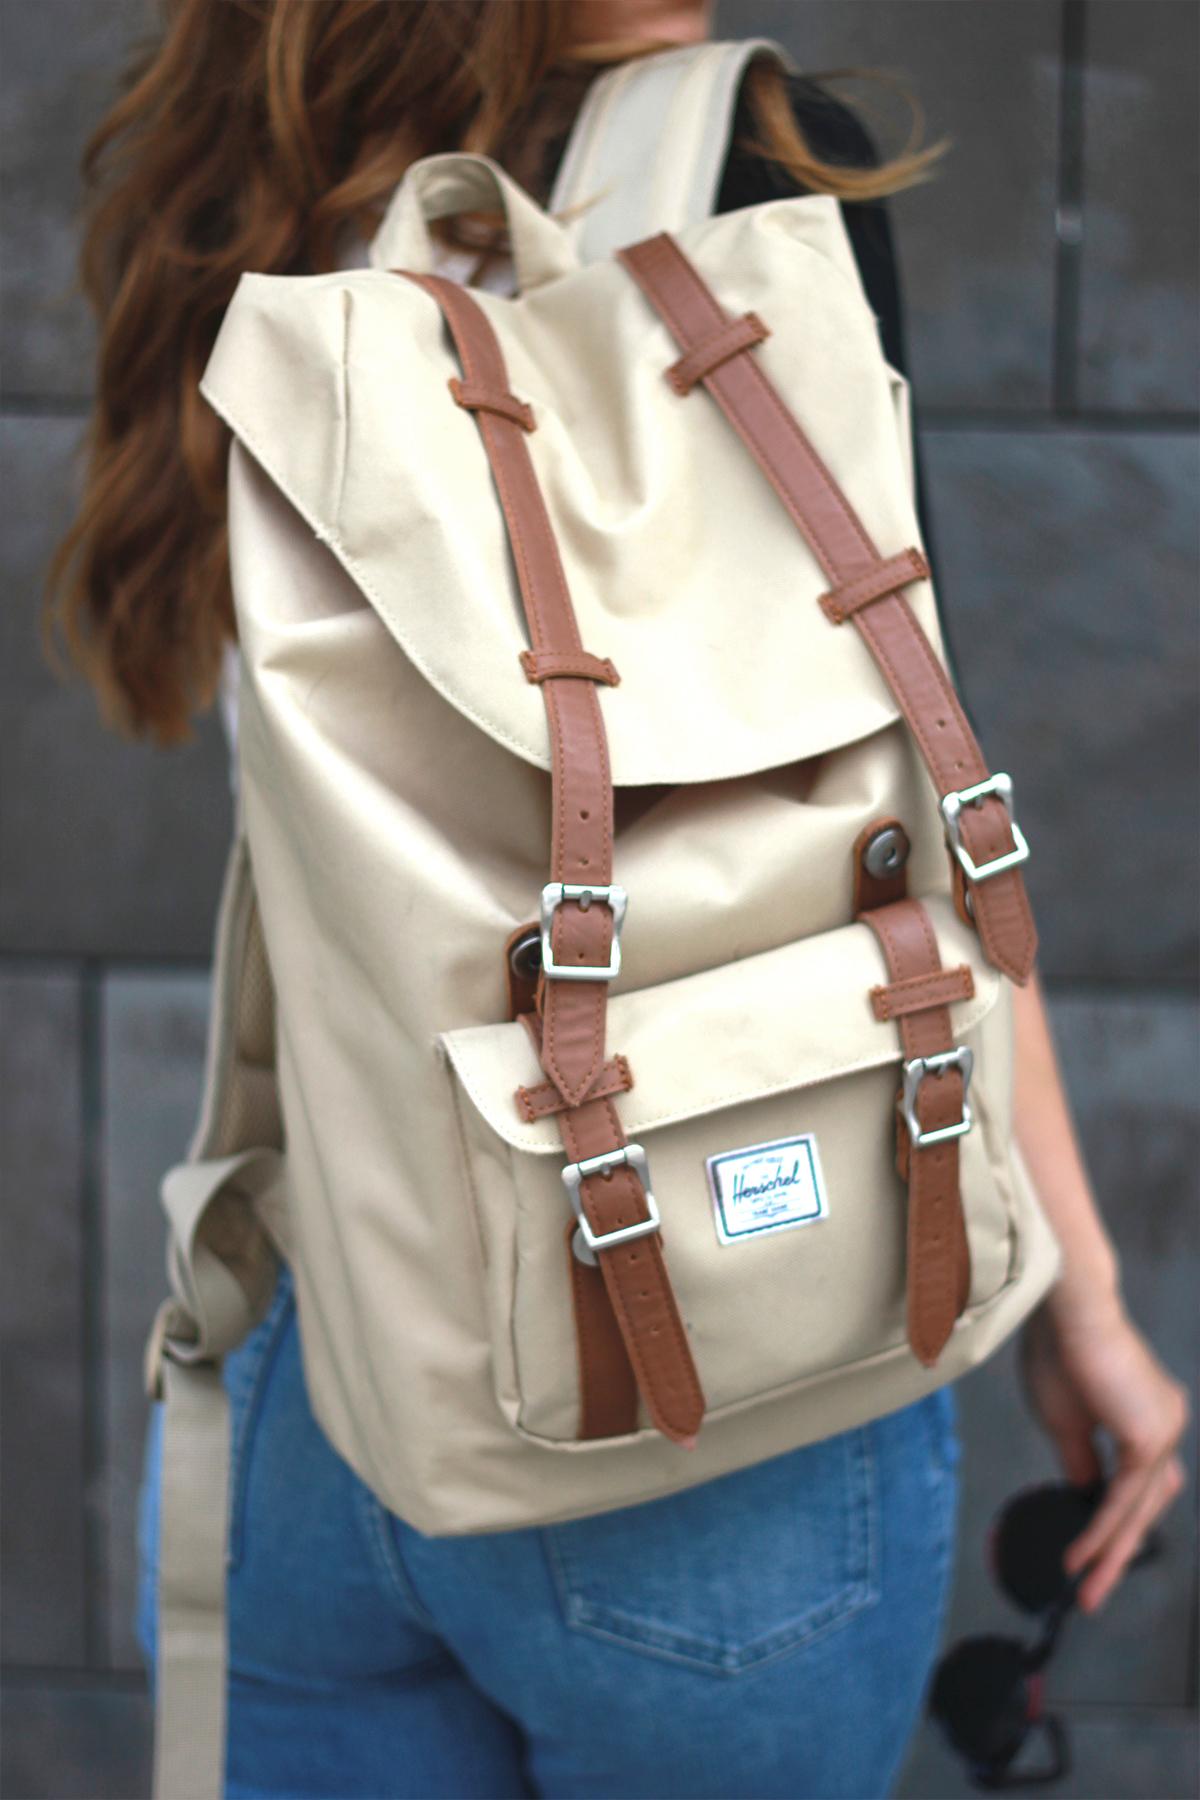 herschel-rucksack-beige-outfit-fashionblogger